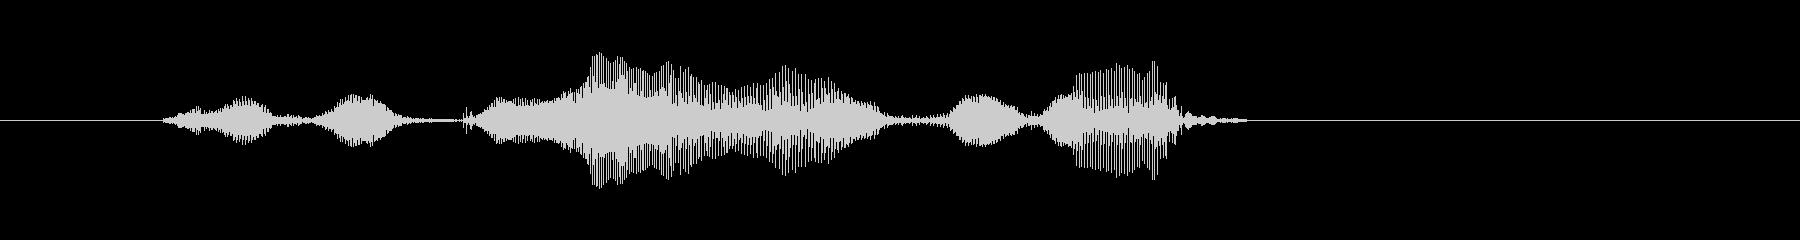 続きはWEBで!の未再生の波形